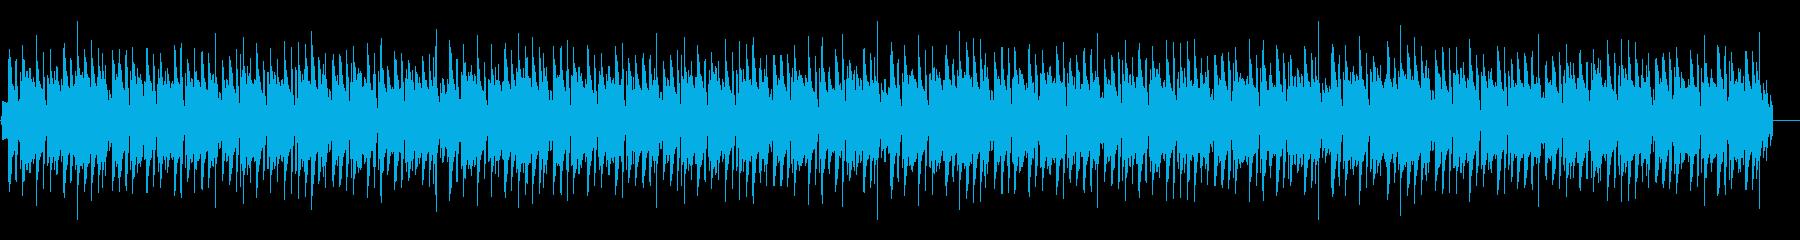 ほのぼの脱力系「蛍の光」の再生済みの波形